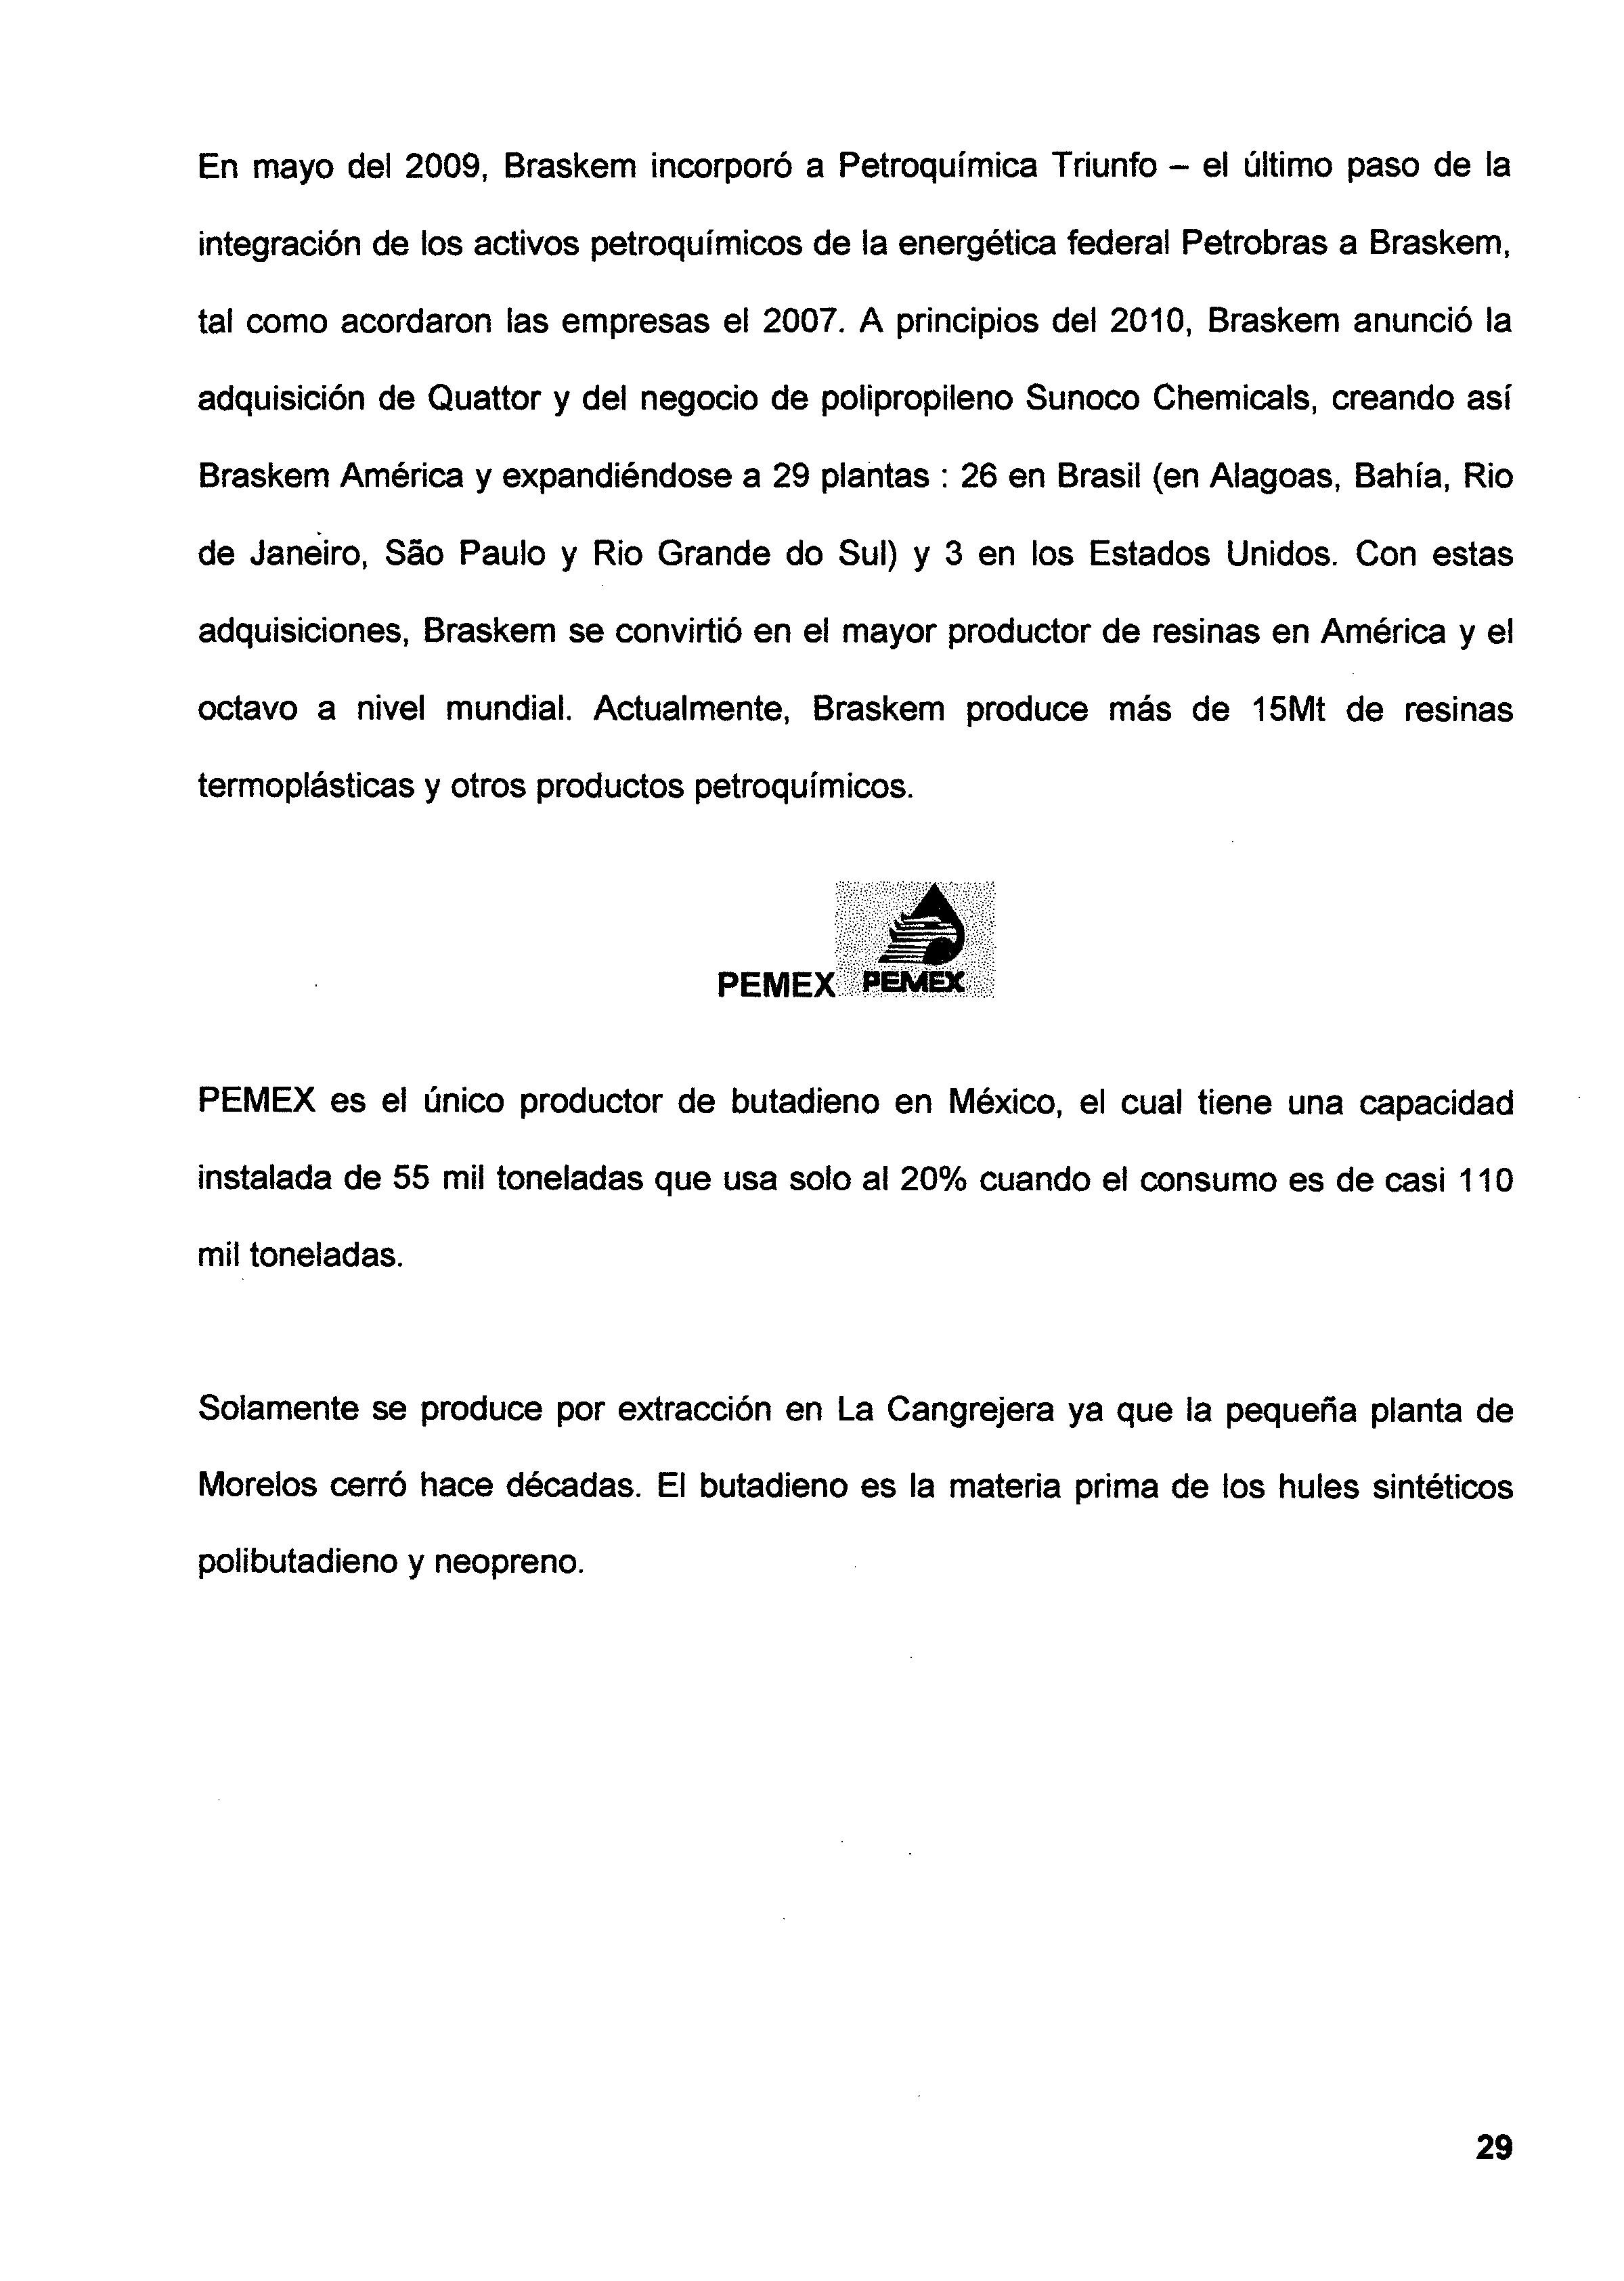 En mayo del 2009 Braskem incorpor³ a Petroqumica Triunfo el ºltimo paso de la